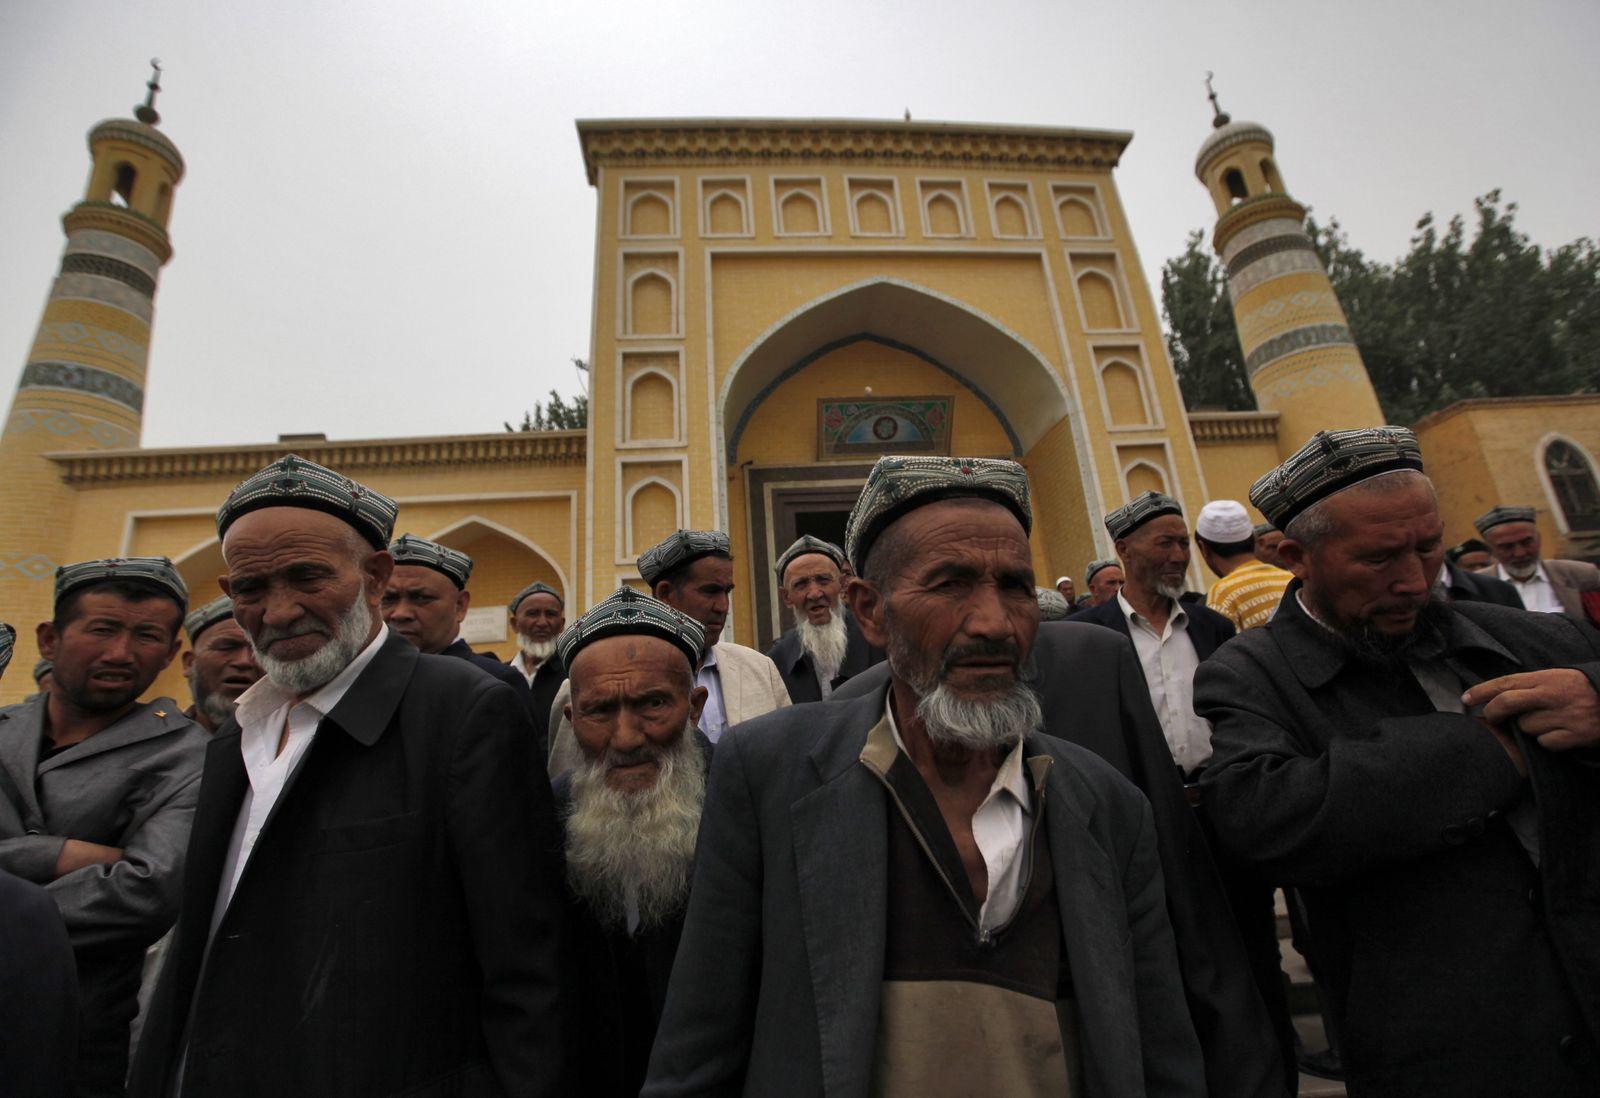 Konflikt zwischen Uiguren und Han-Chinesen